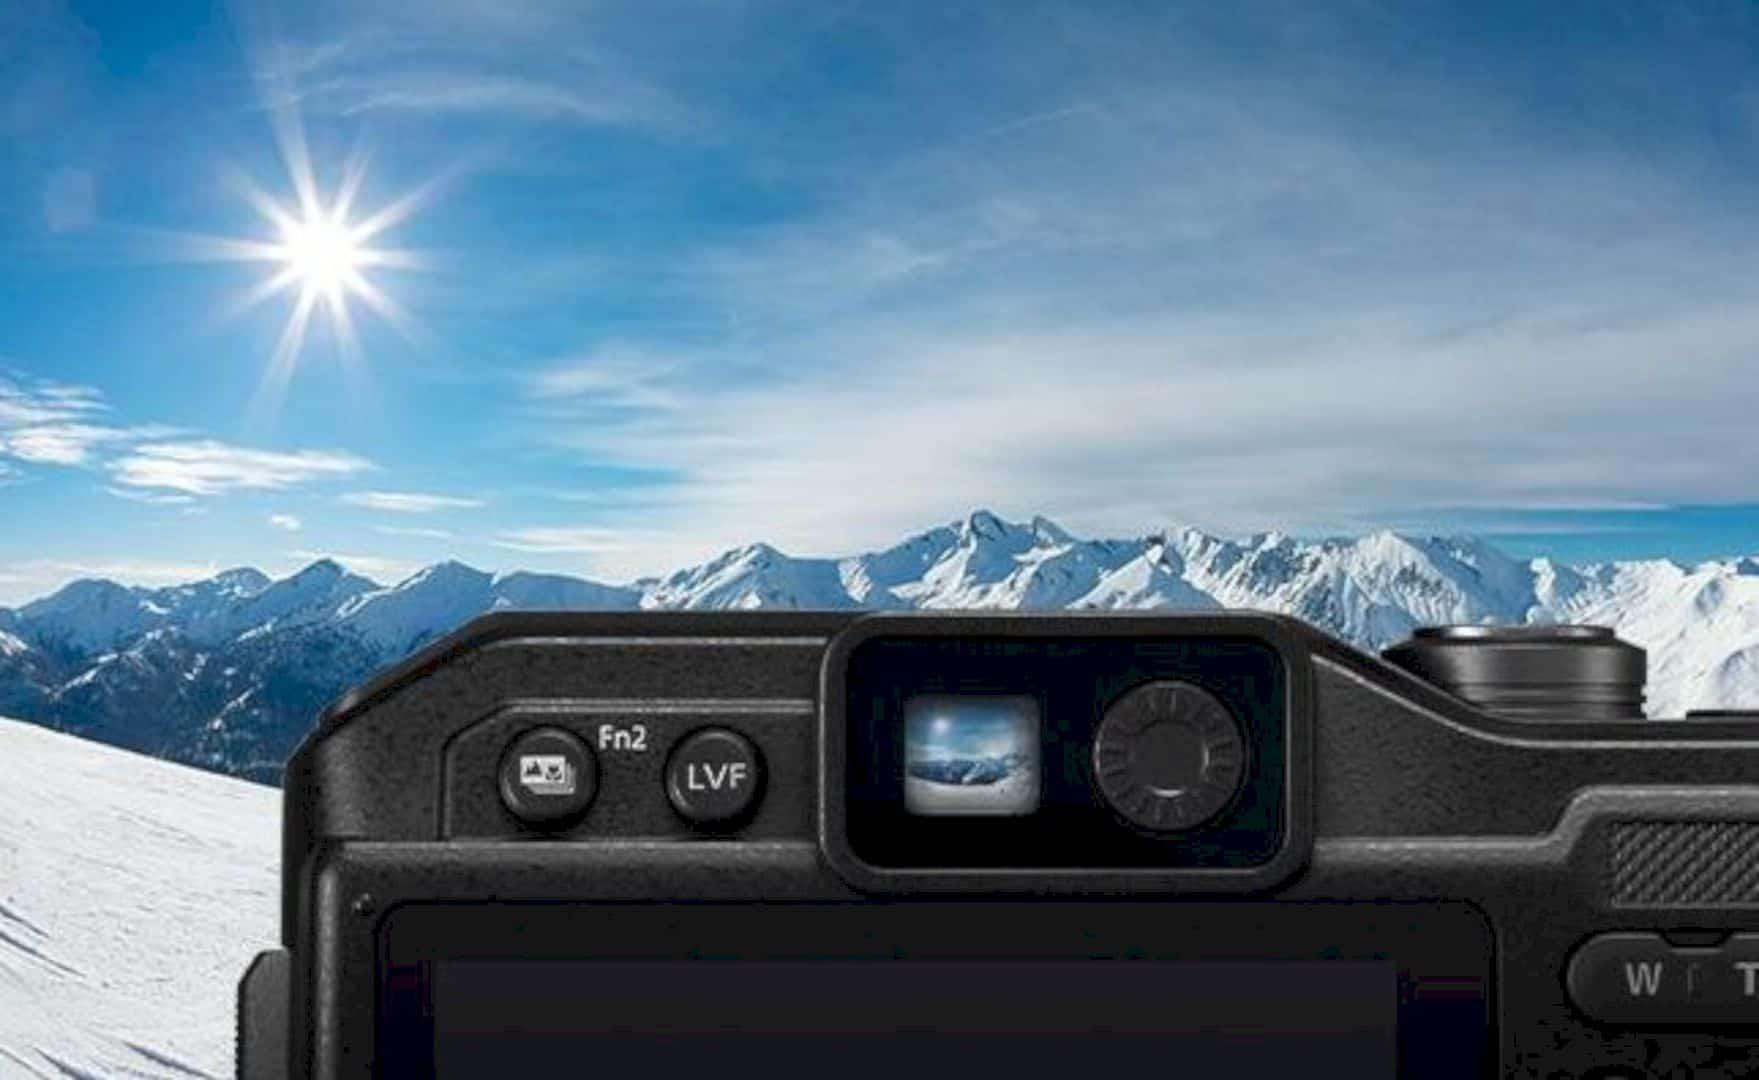 Panasonic LUMIX TS7 Waterproof Tough Camera 12